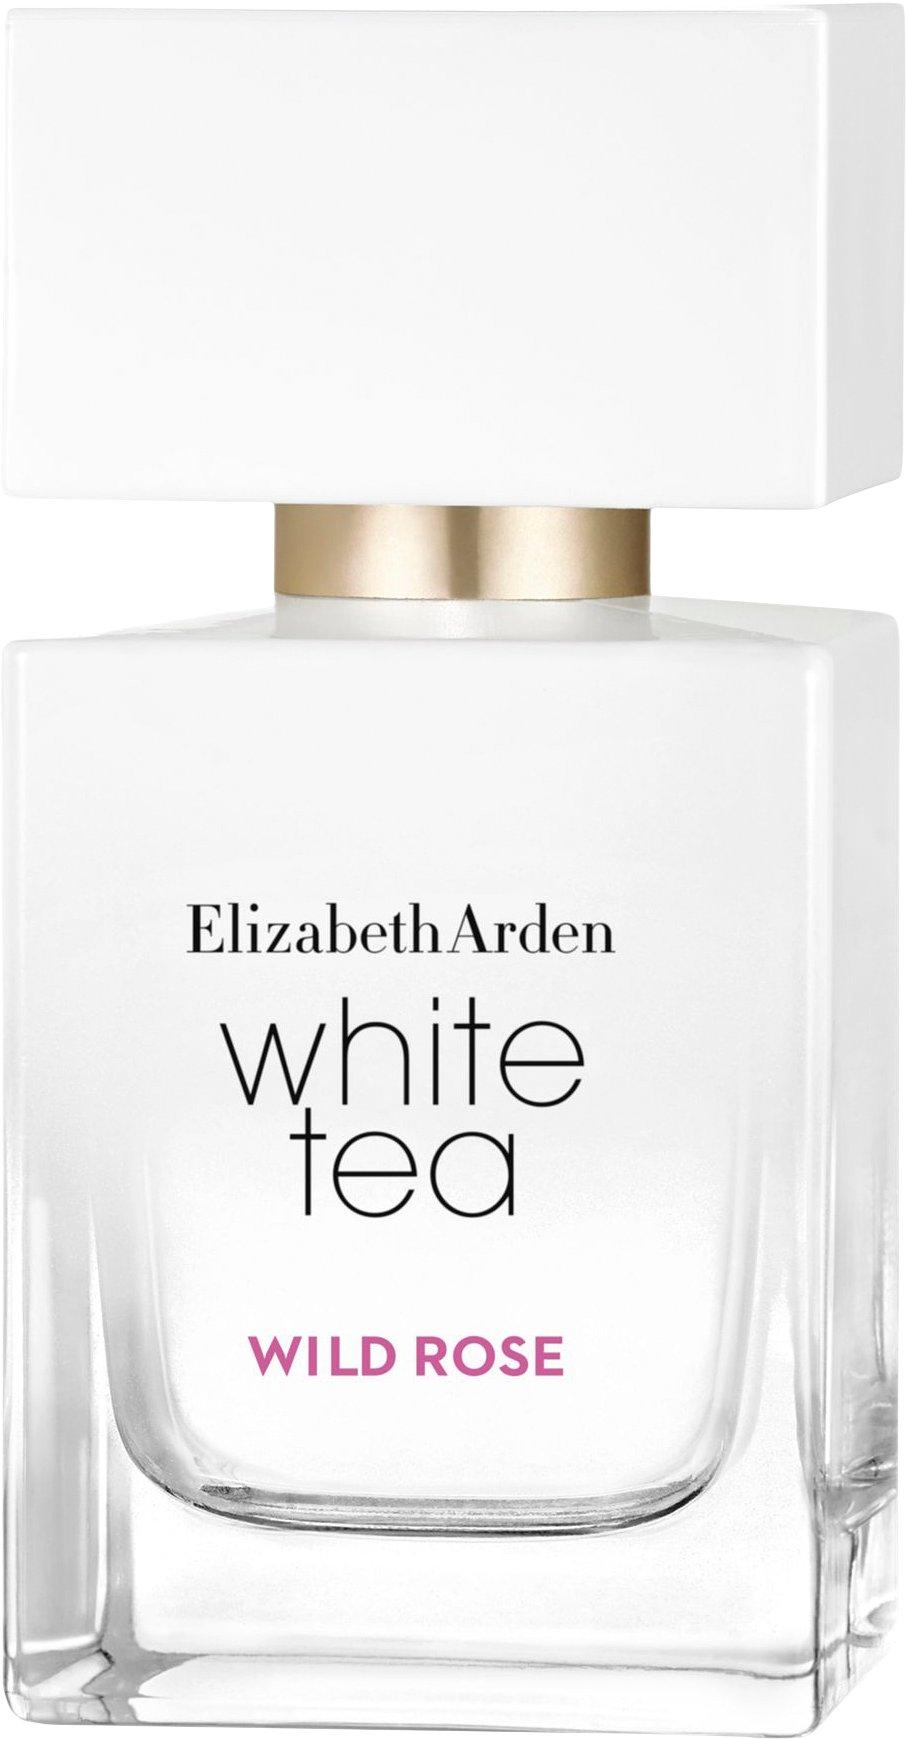 Elizabeth Arden - White Tea Wild Rose EDT 30 ml